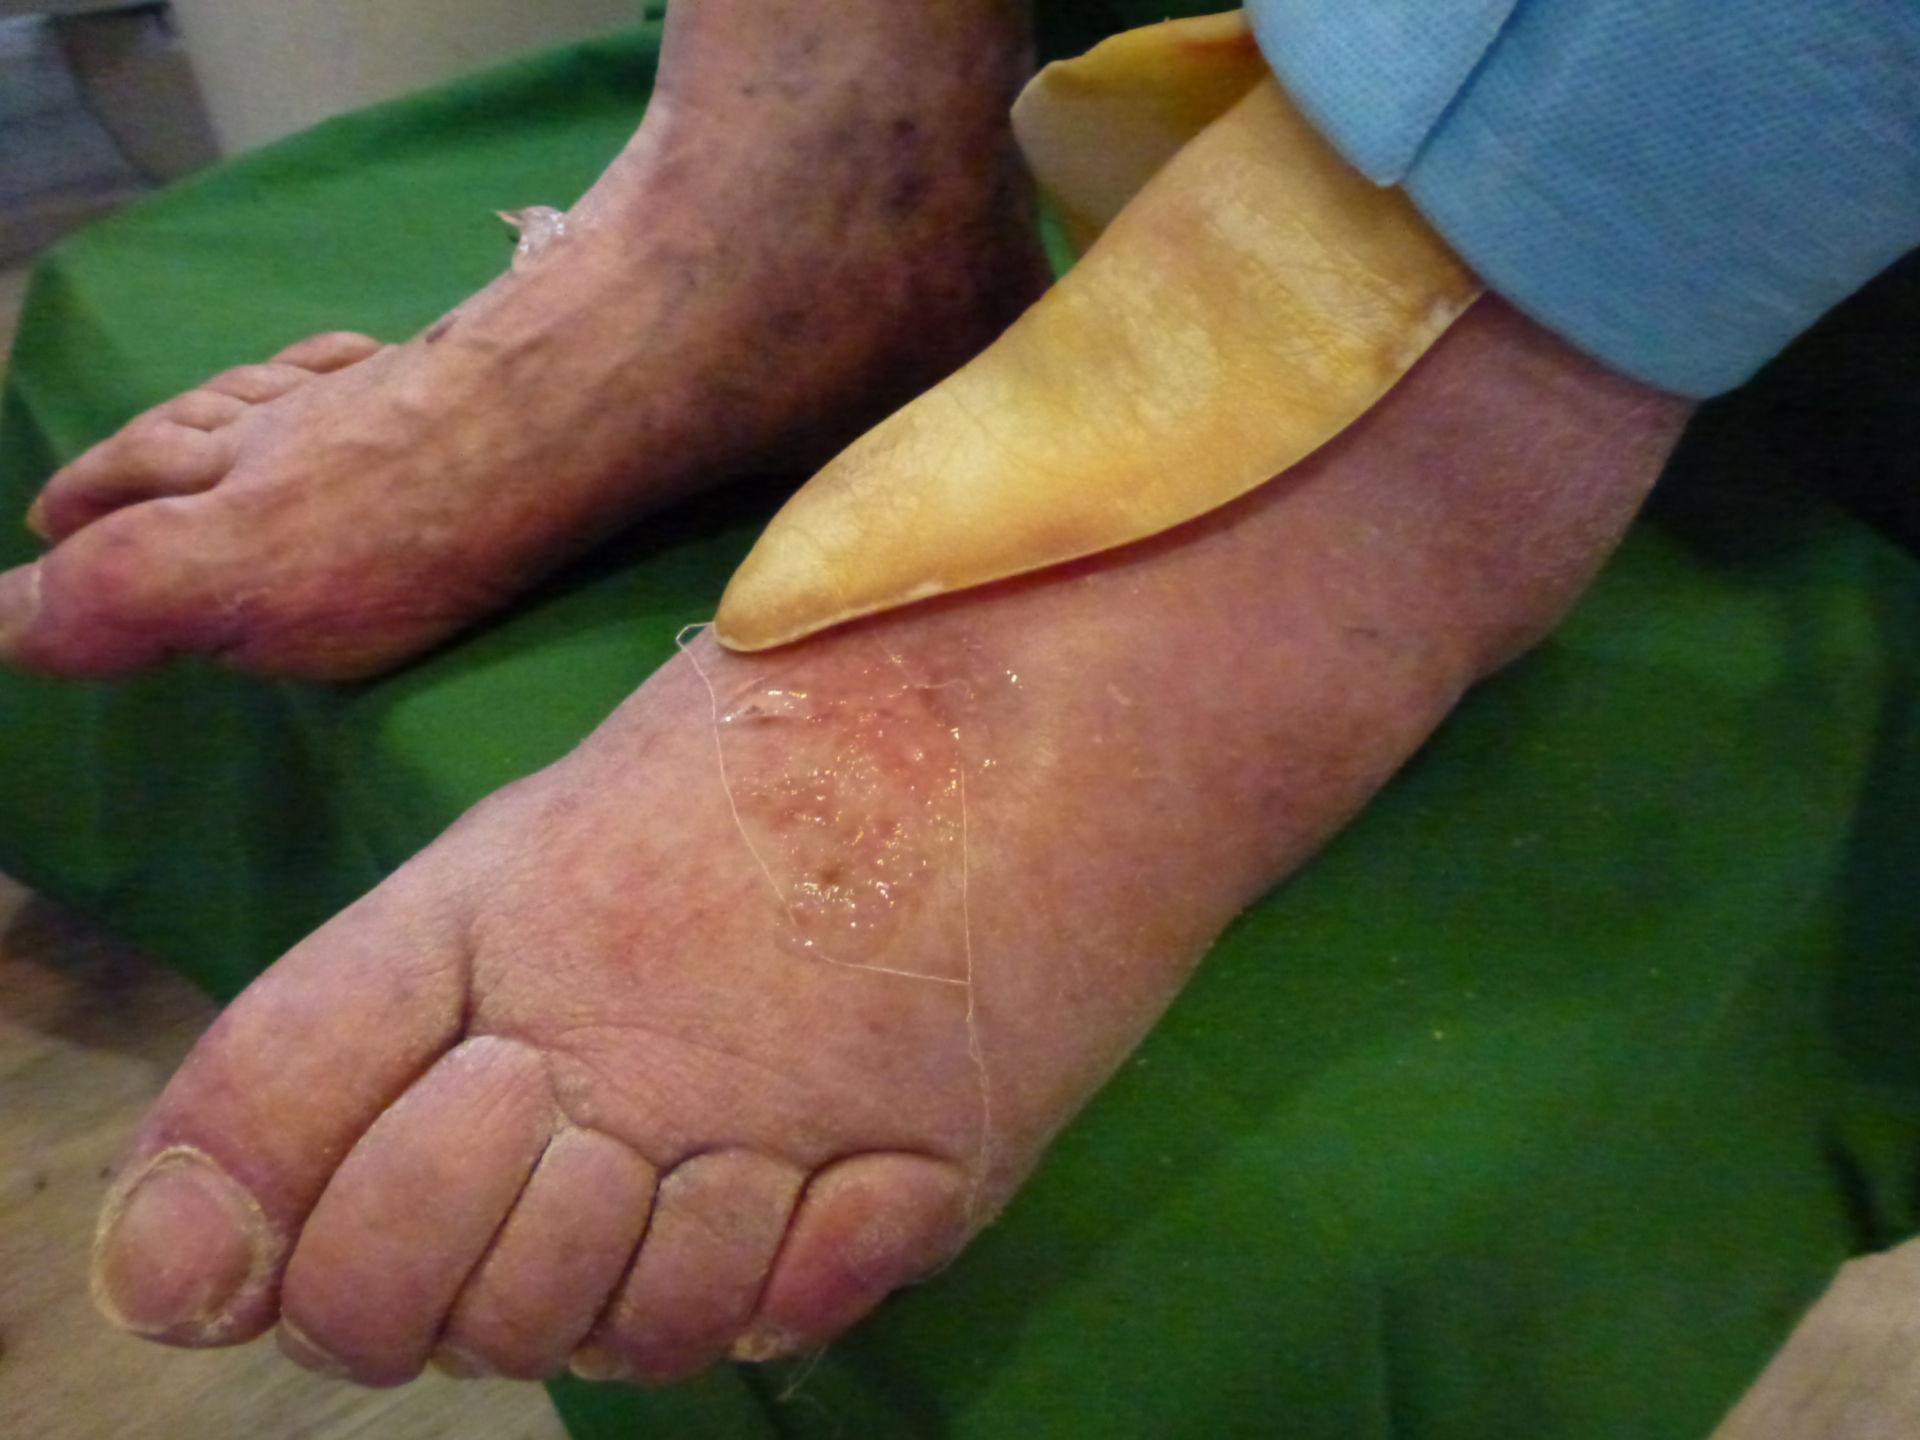 Úlcera de la pierna - Cerrada dentro de 72 horas (4)